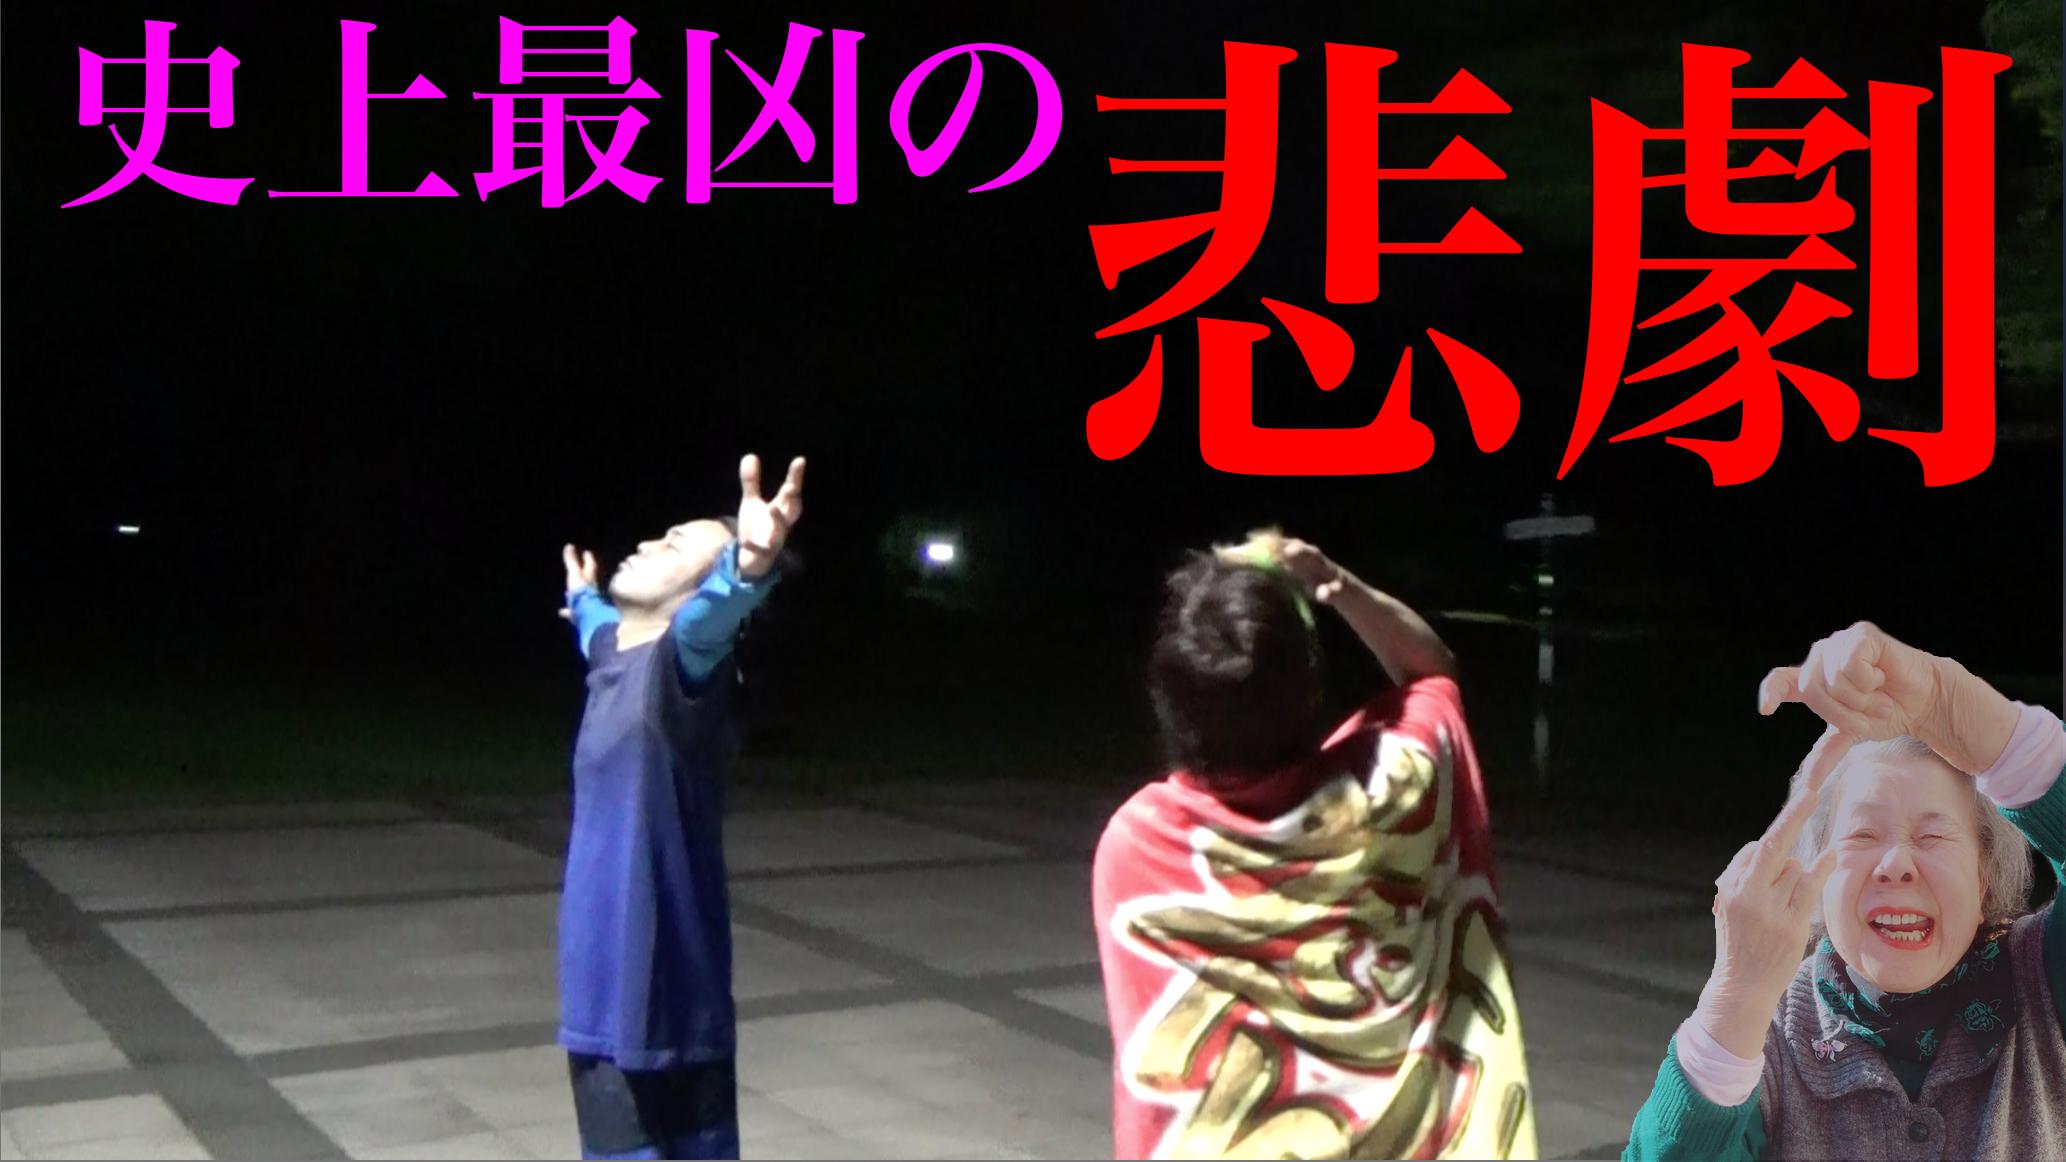 【過去最大級】東京で元フィギュアスケーターとDQNが大事故を起こす【言葉にならない】